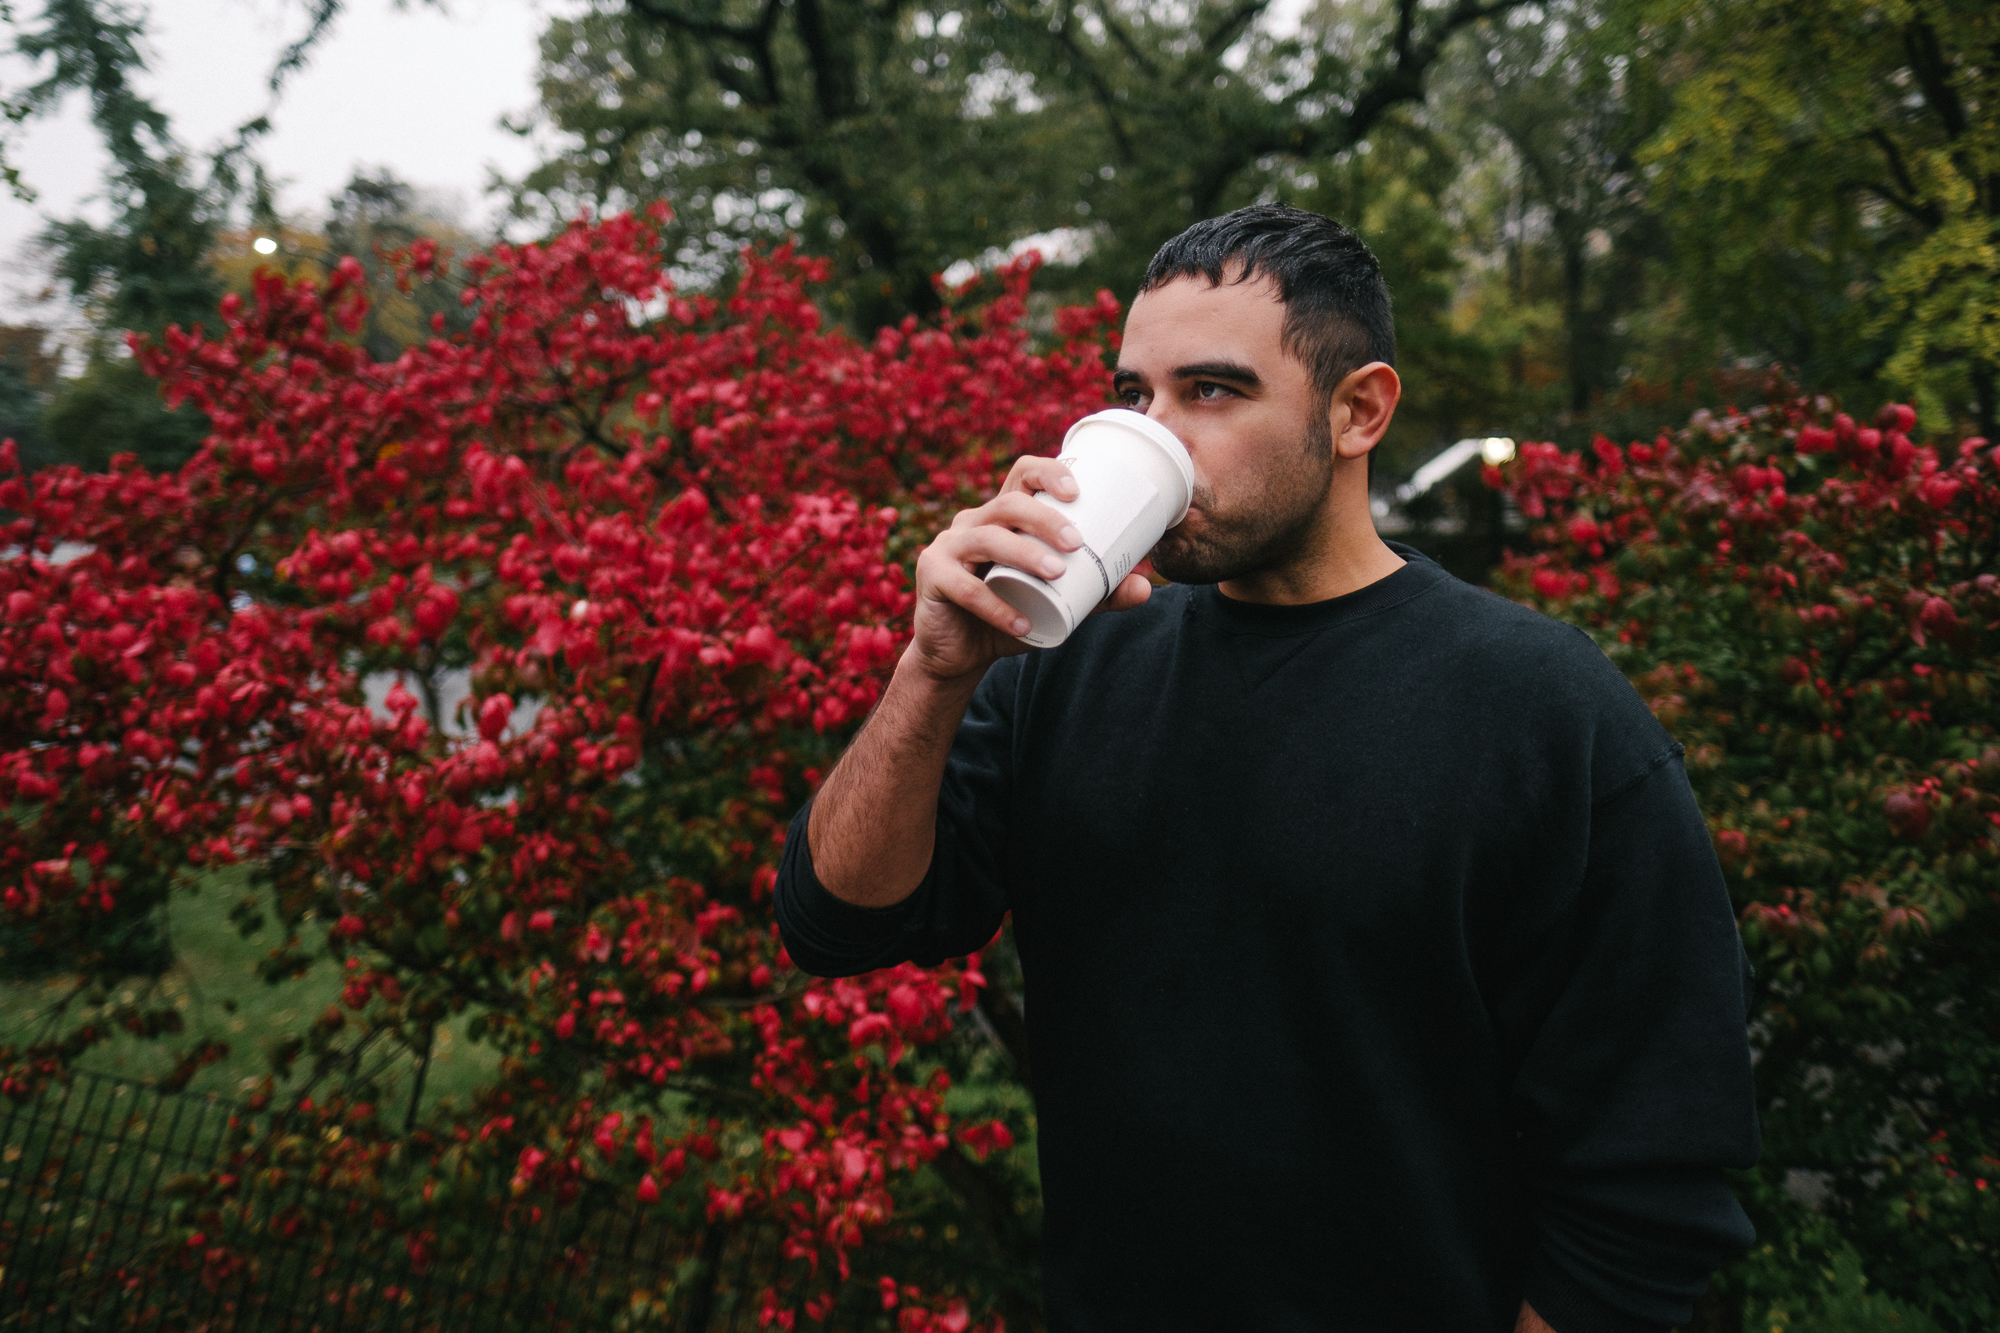 Fernando sipping coffee in Central Park. Fuji X-pro2, Fuji XF 16mm f/1.4 WR.